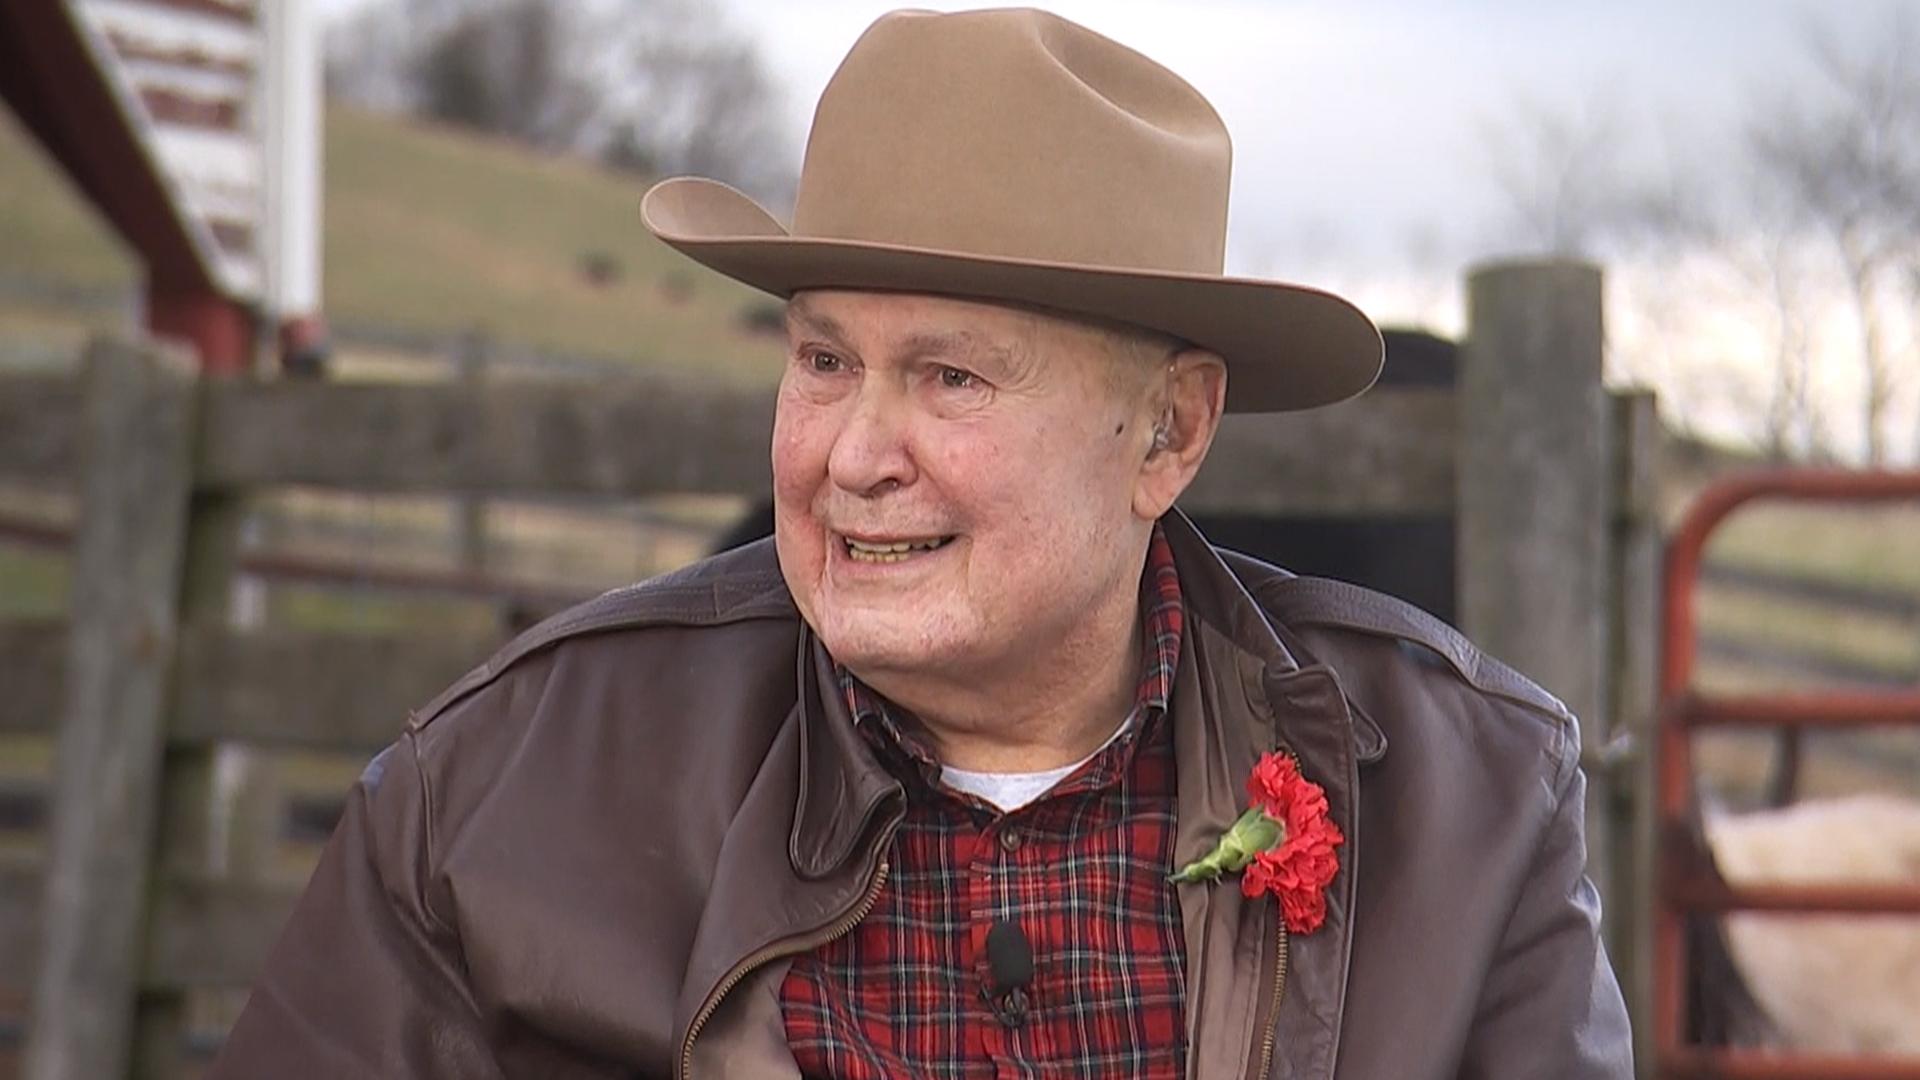 Willard Scott, legendary TODAY weatherman, dies at 87